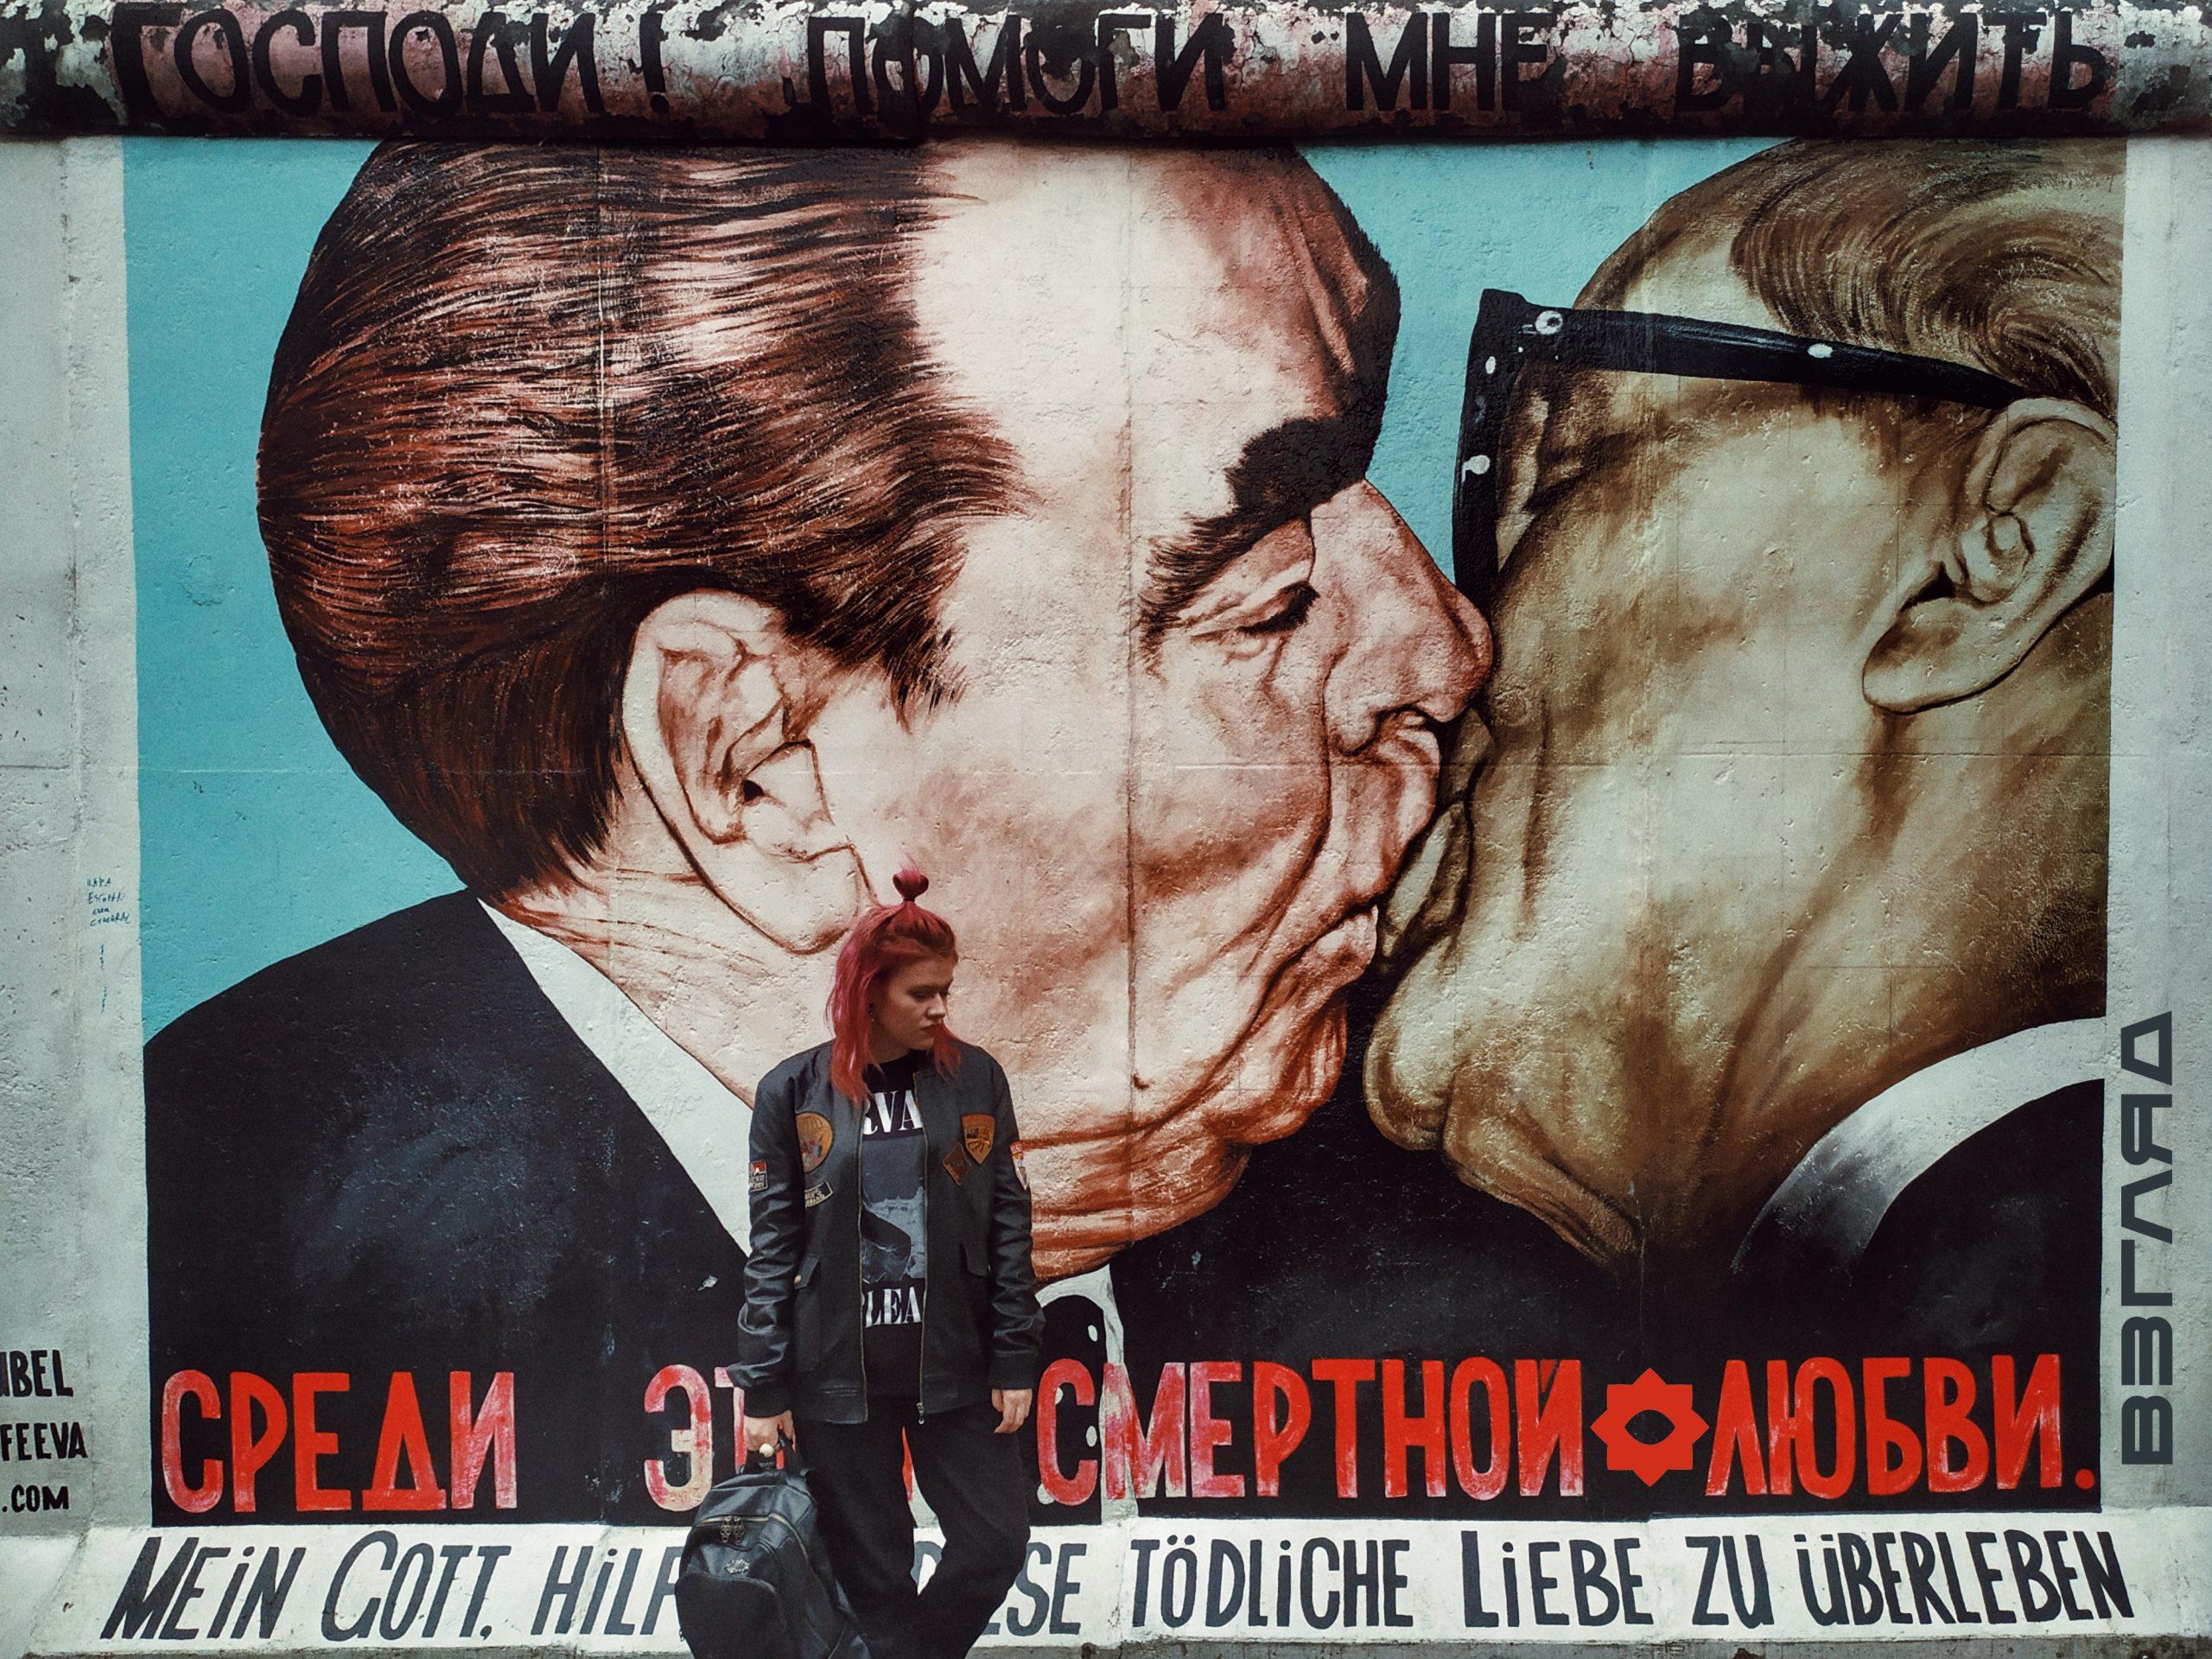 Ломаем стереотипы о Германии. Как журналист побывал в безбашенном Берлине, опробовал каучсёрфинг и пытался снять наличку, чтоб купить бутылку воды